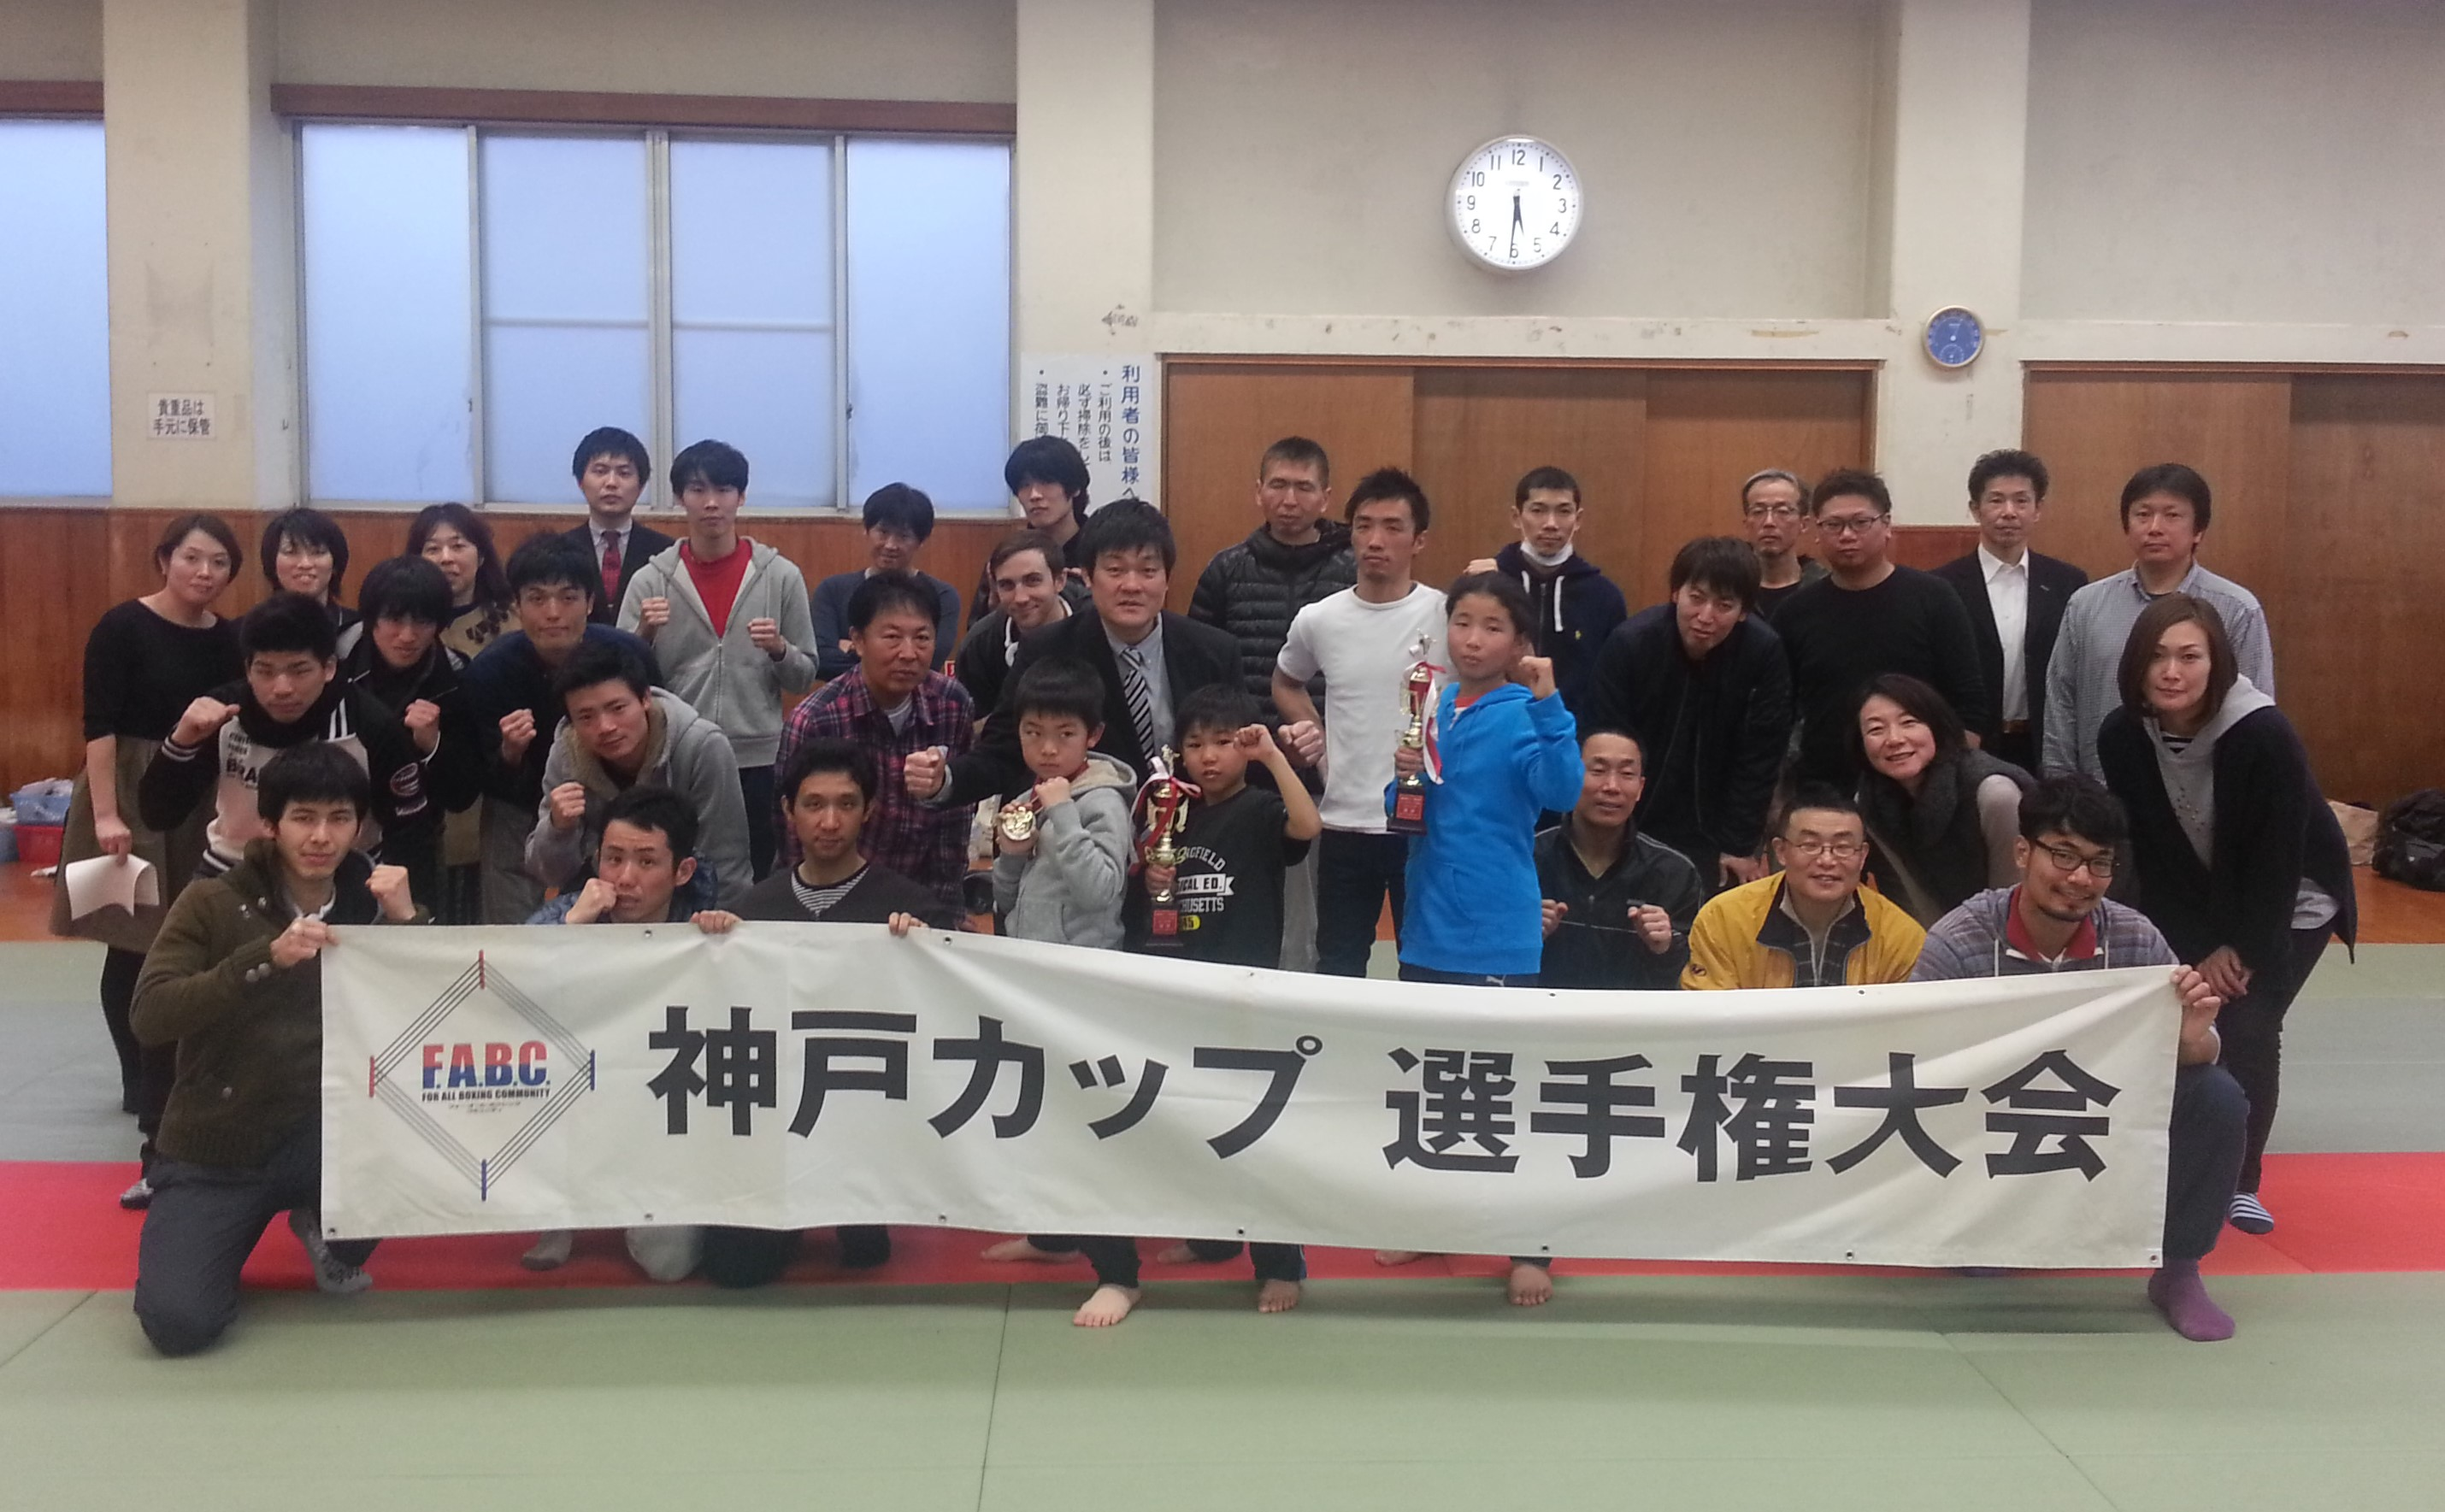 第9回神戸カップ